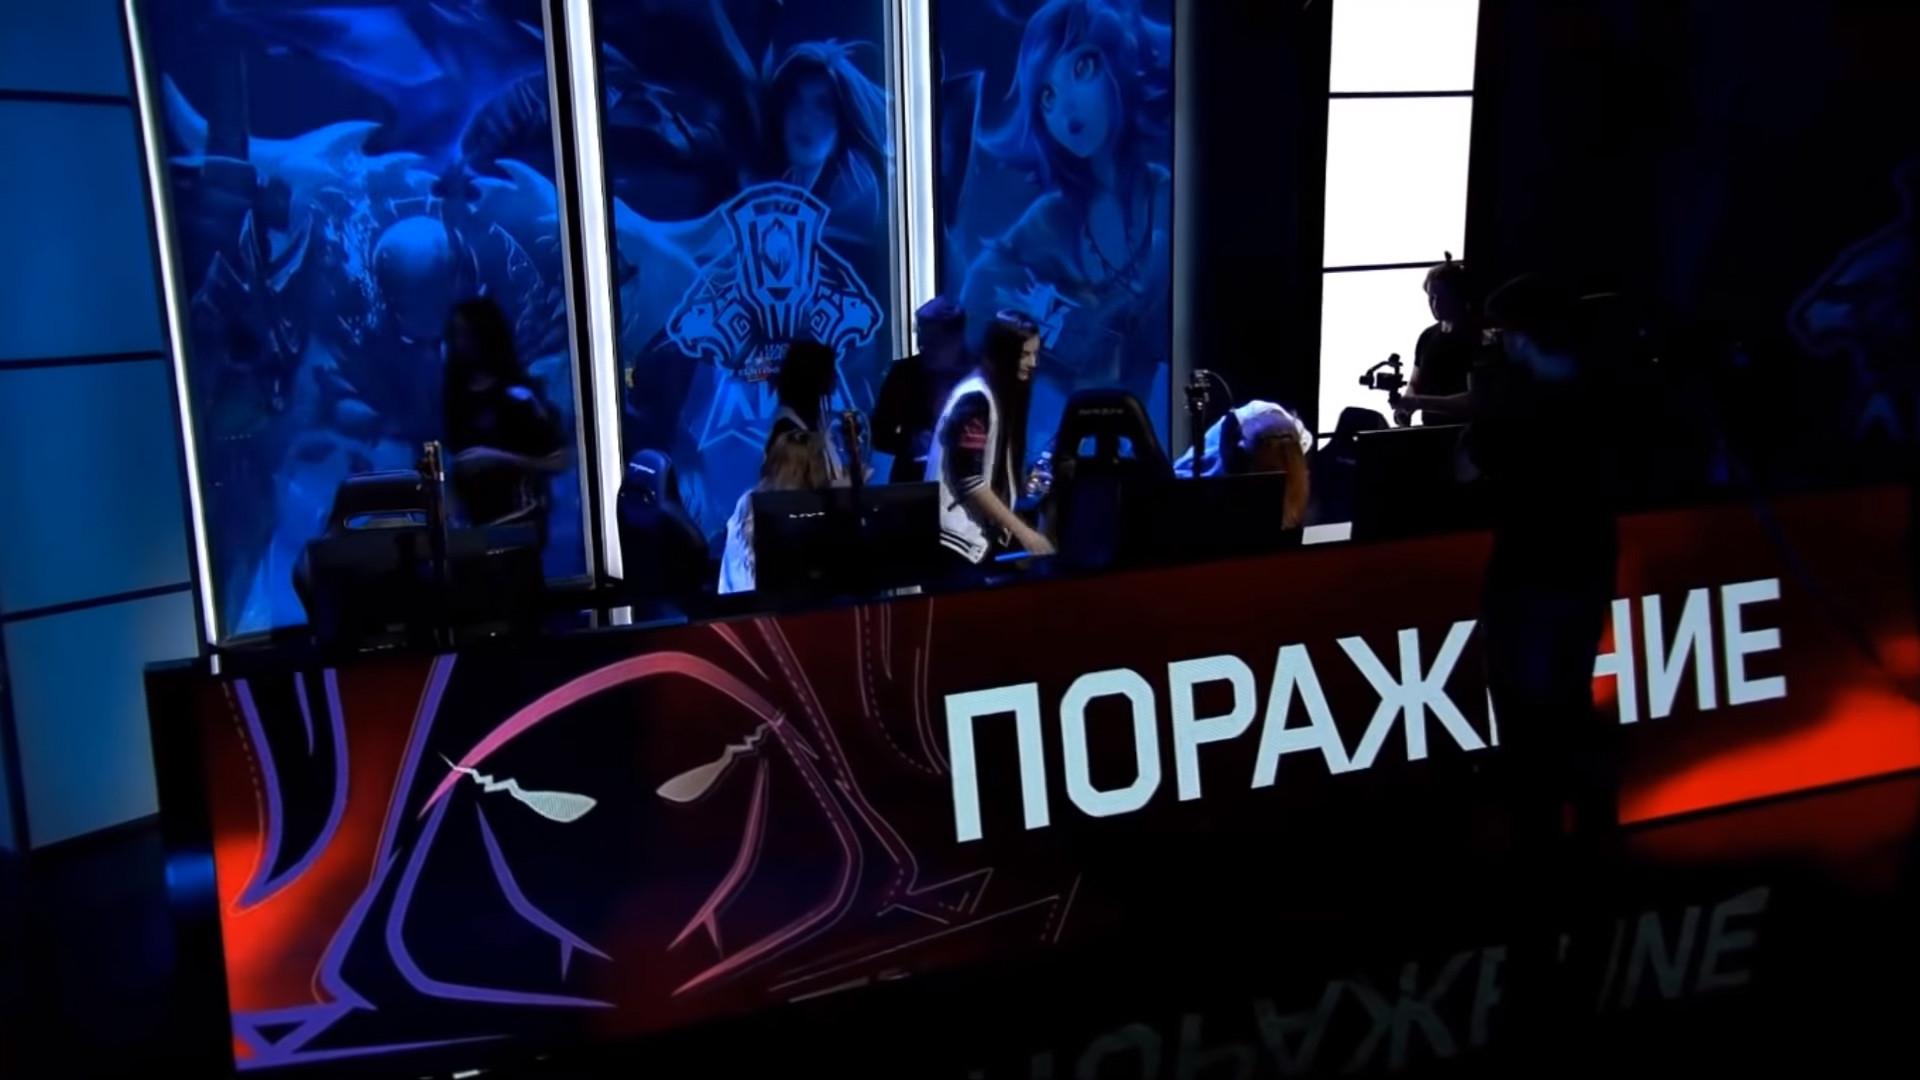 Frauenteam in der russischen Liga mit Debakel zum Start